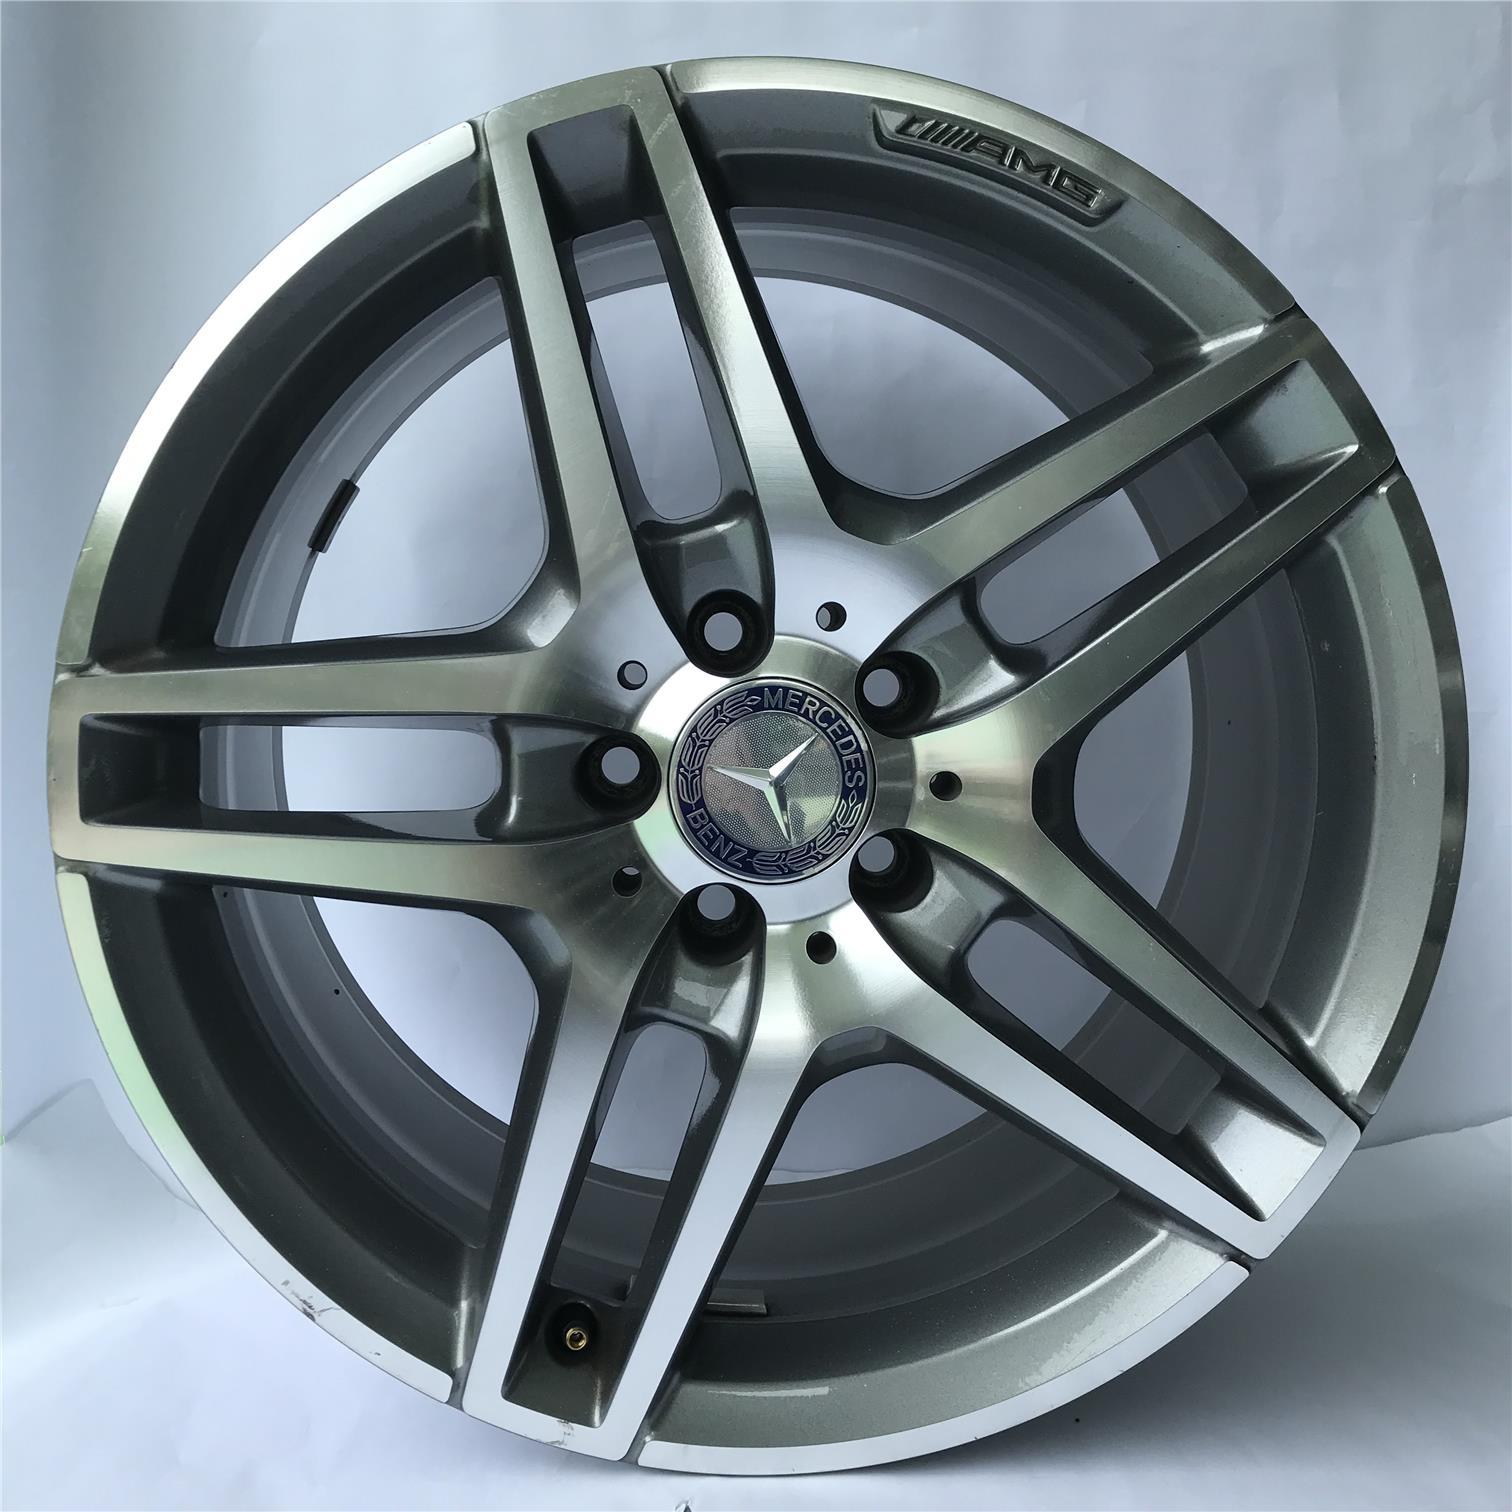 Mercedes Benz Rims >> Mercedes Benz Original Sport Rim 18